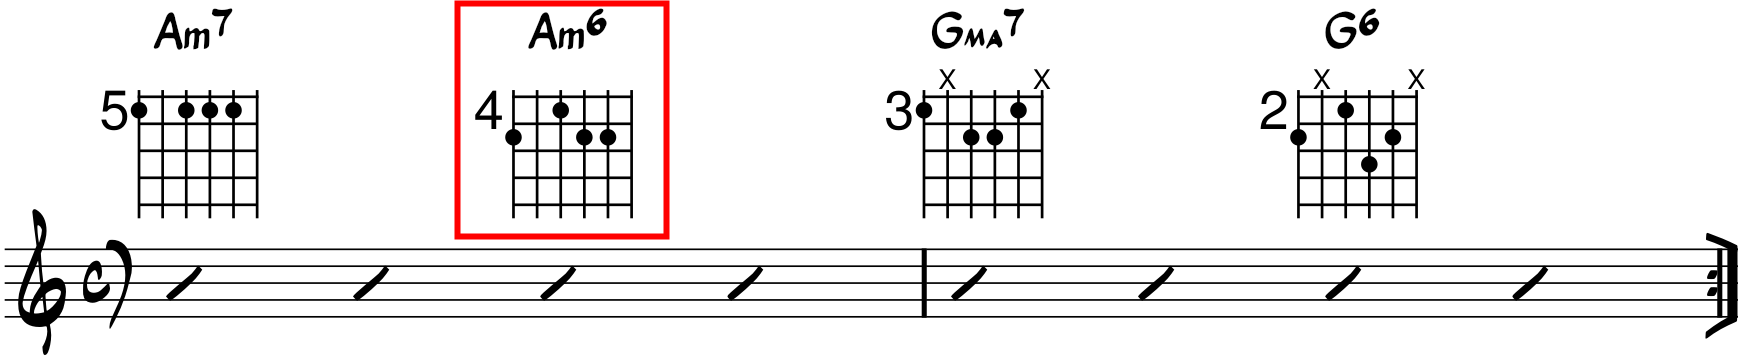 Progresión con acorde de sexta menor guitarra